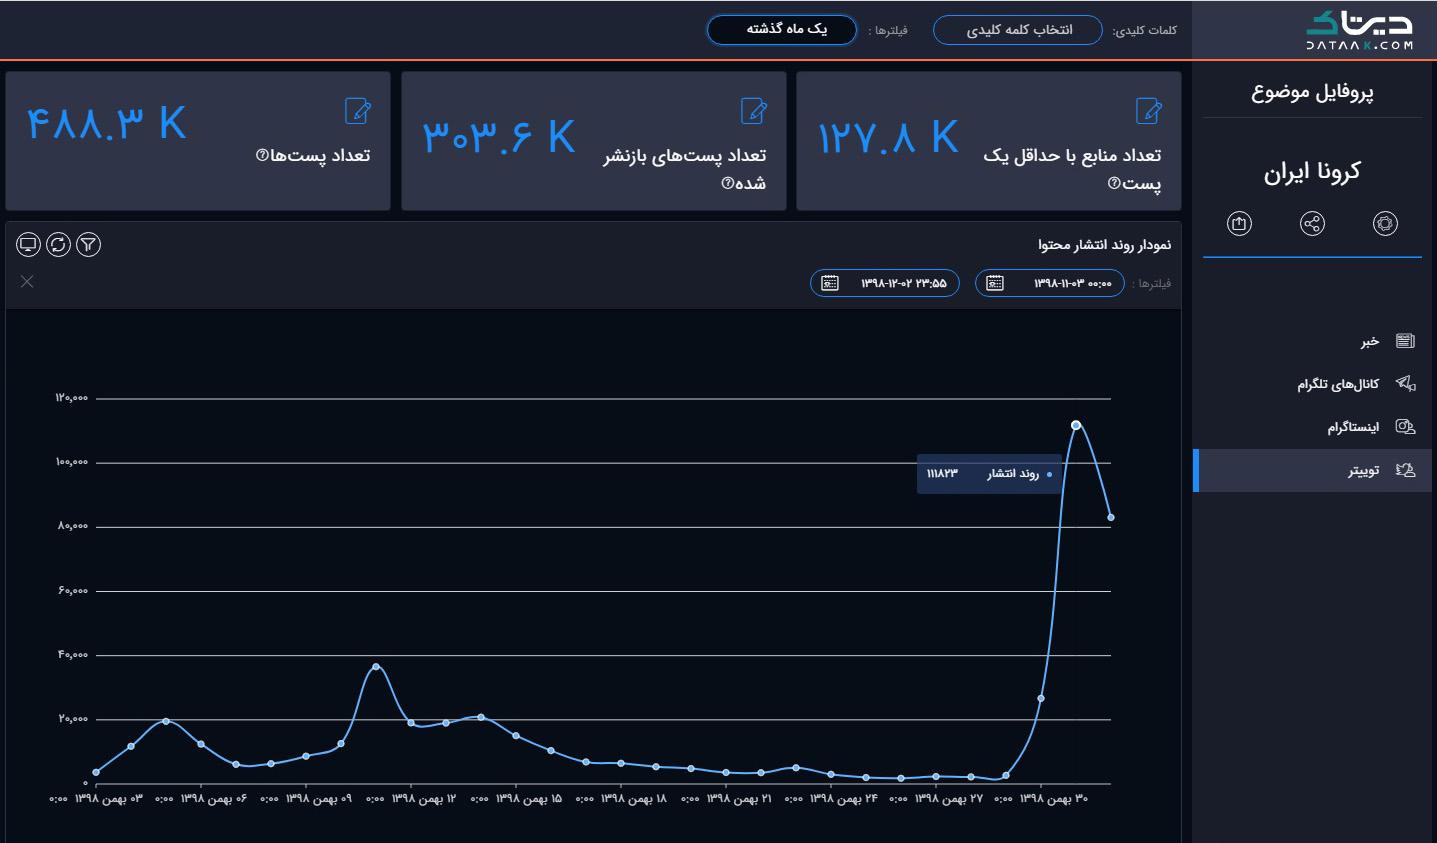 روند انتشار محتوا در موضوع کرونا در توییتر